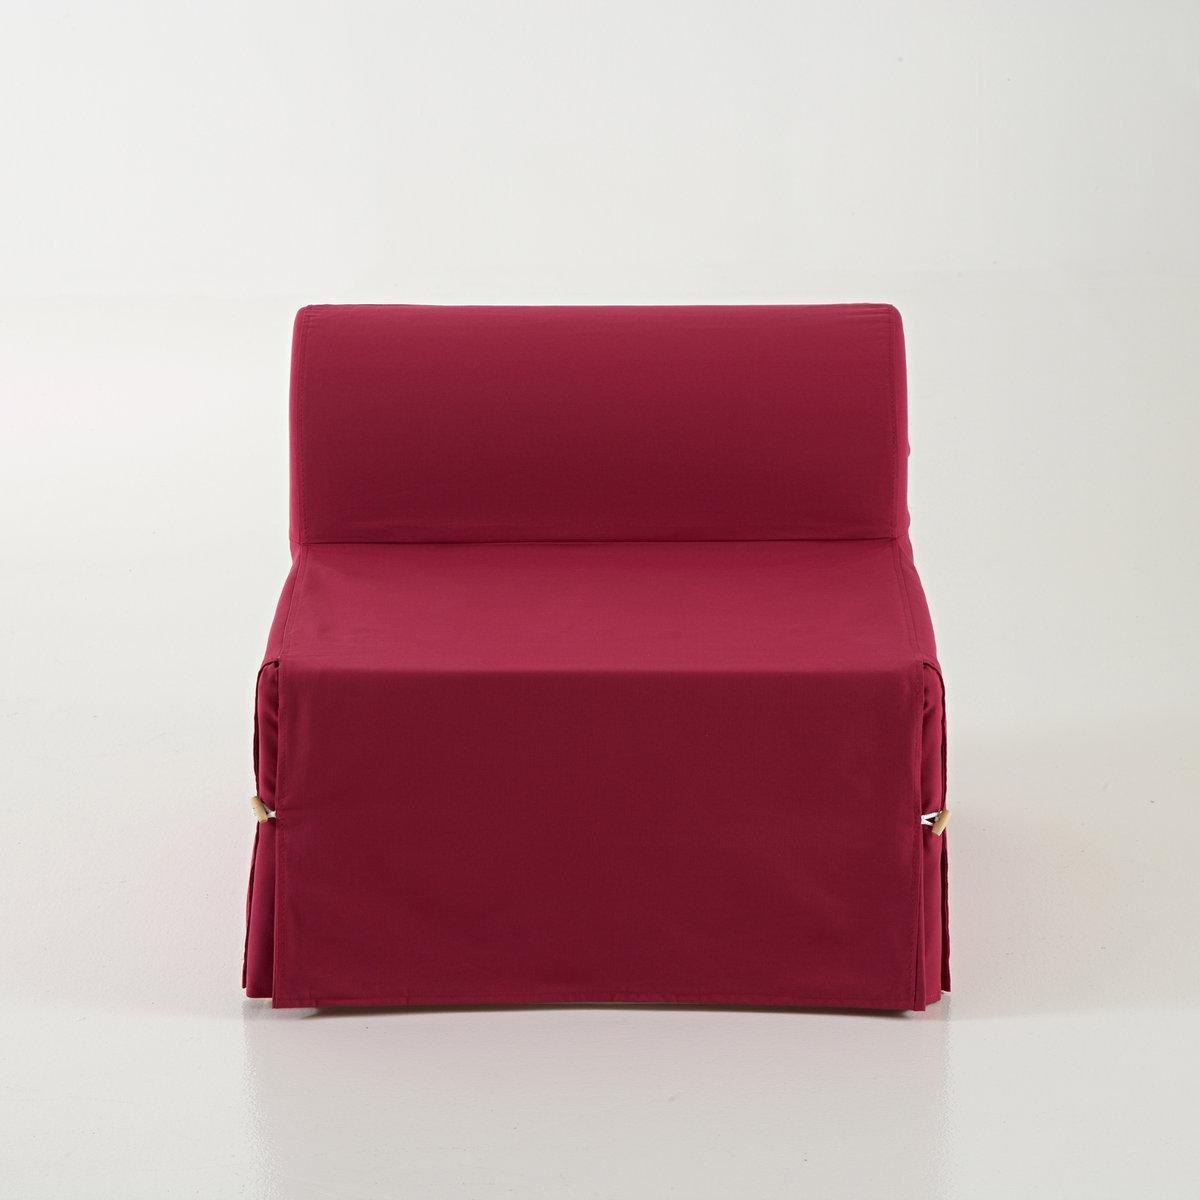 Кресло-банкетка-кровать Bultex, Dave Meeting от La Redoute